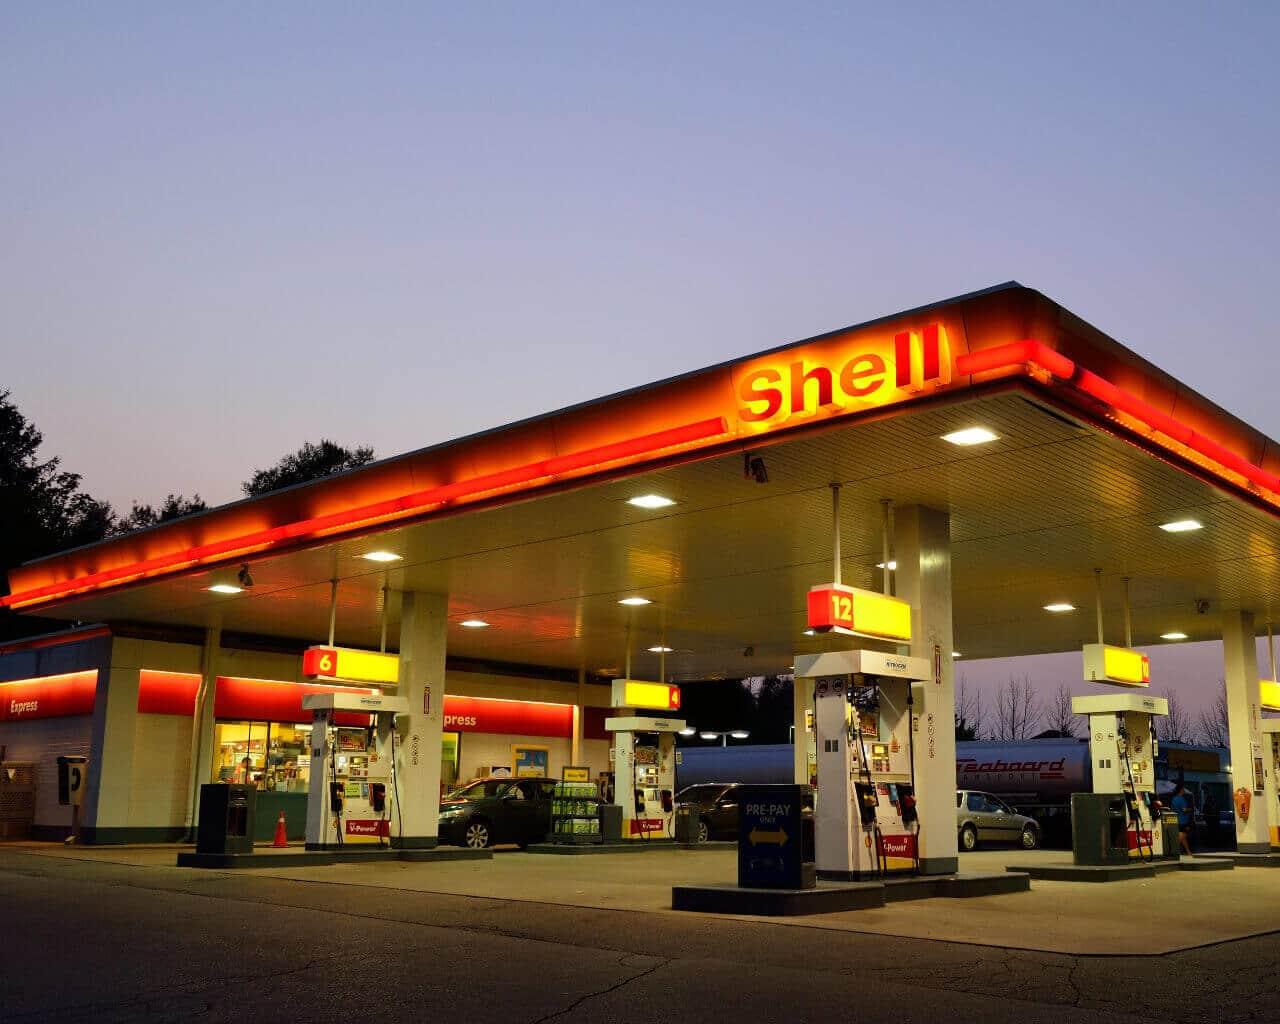 Eine Shell Tankstelle